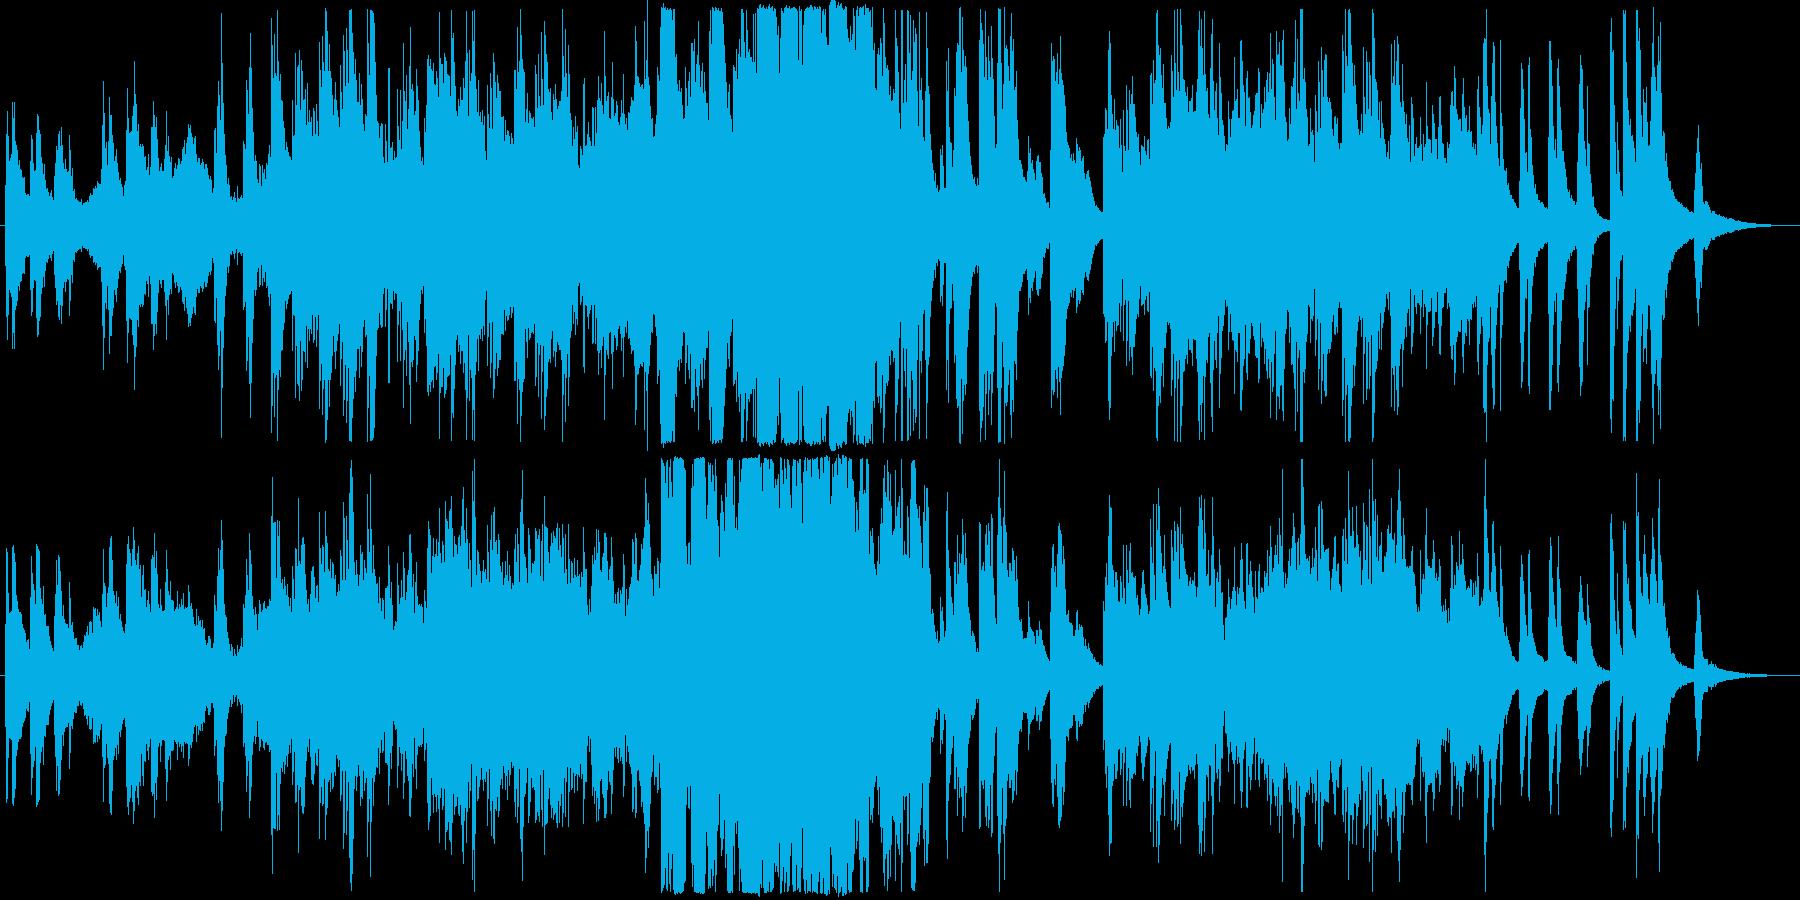 大地の息吹を感じていただけたら、幸いで…の再生済みの波形